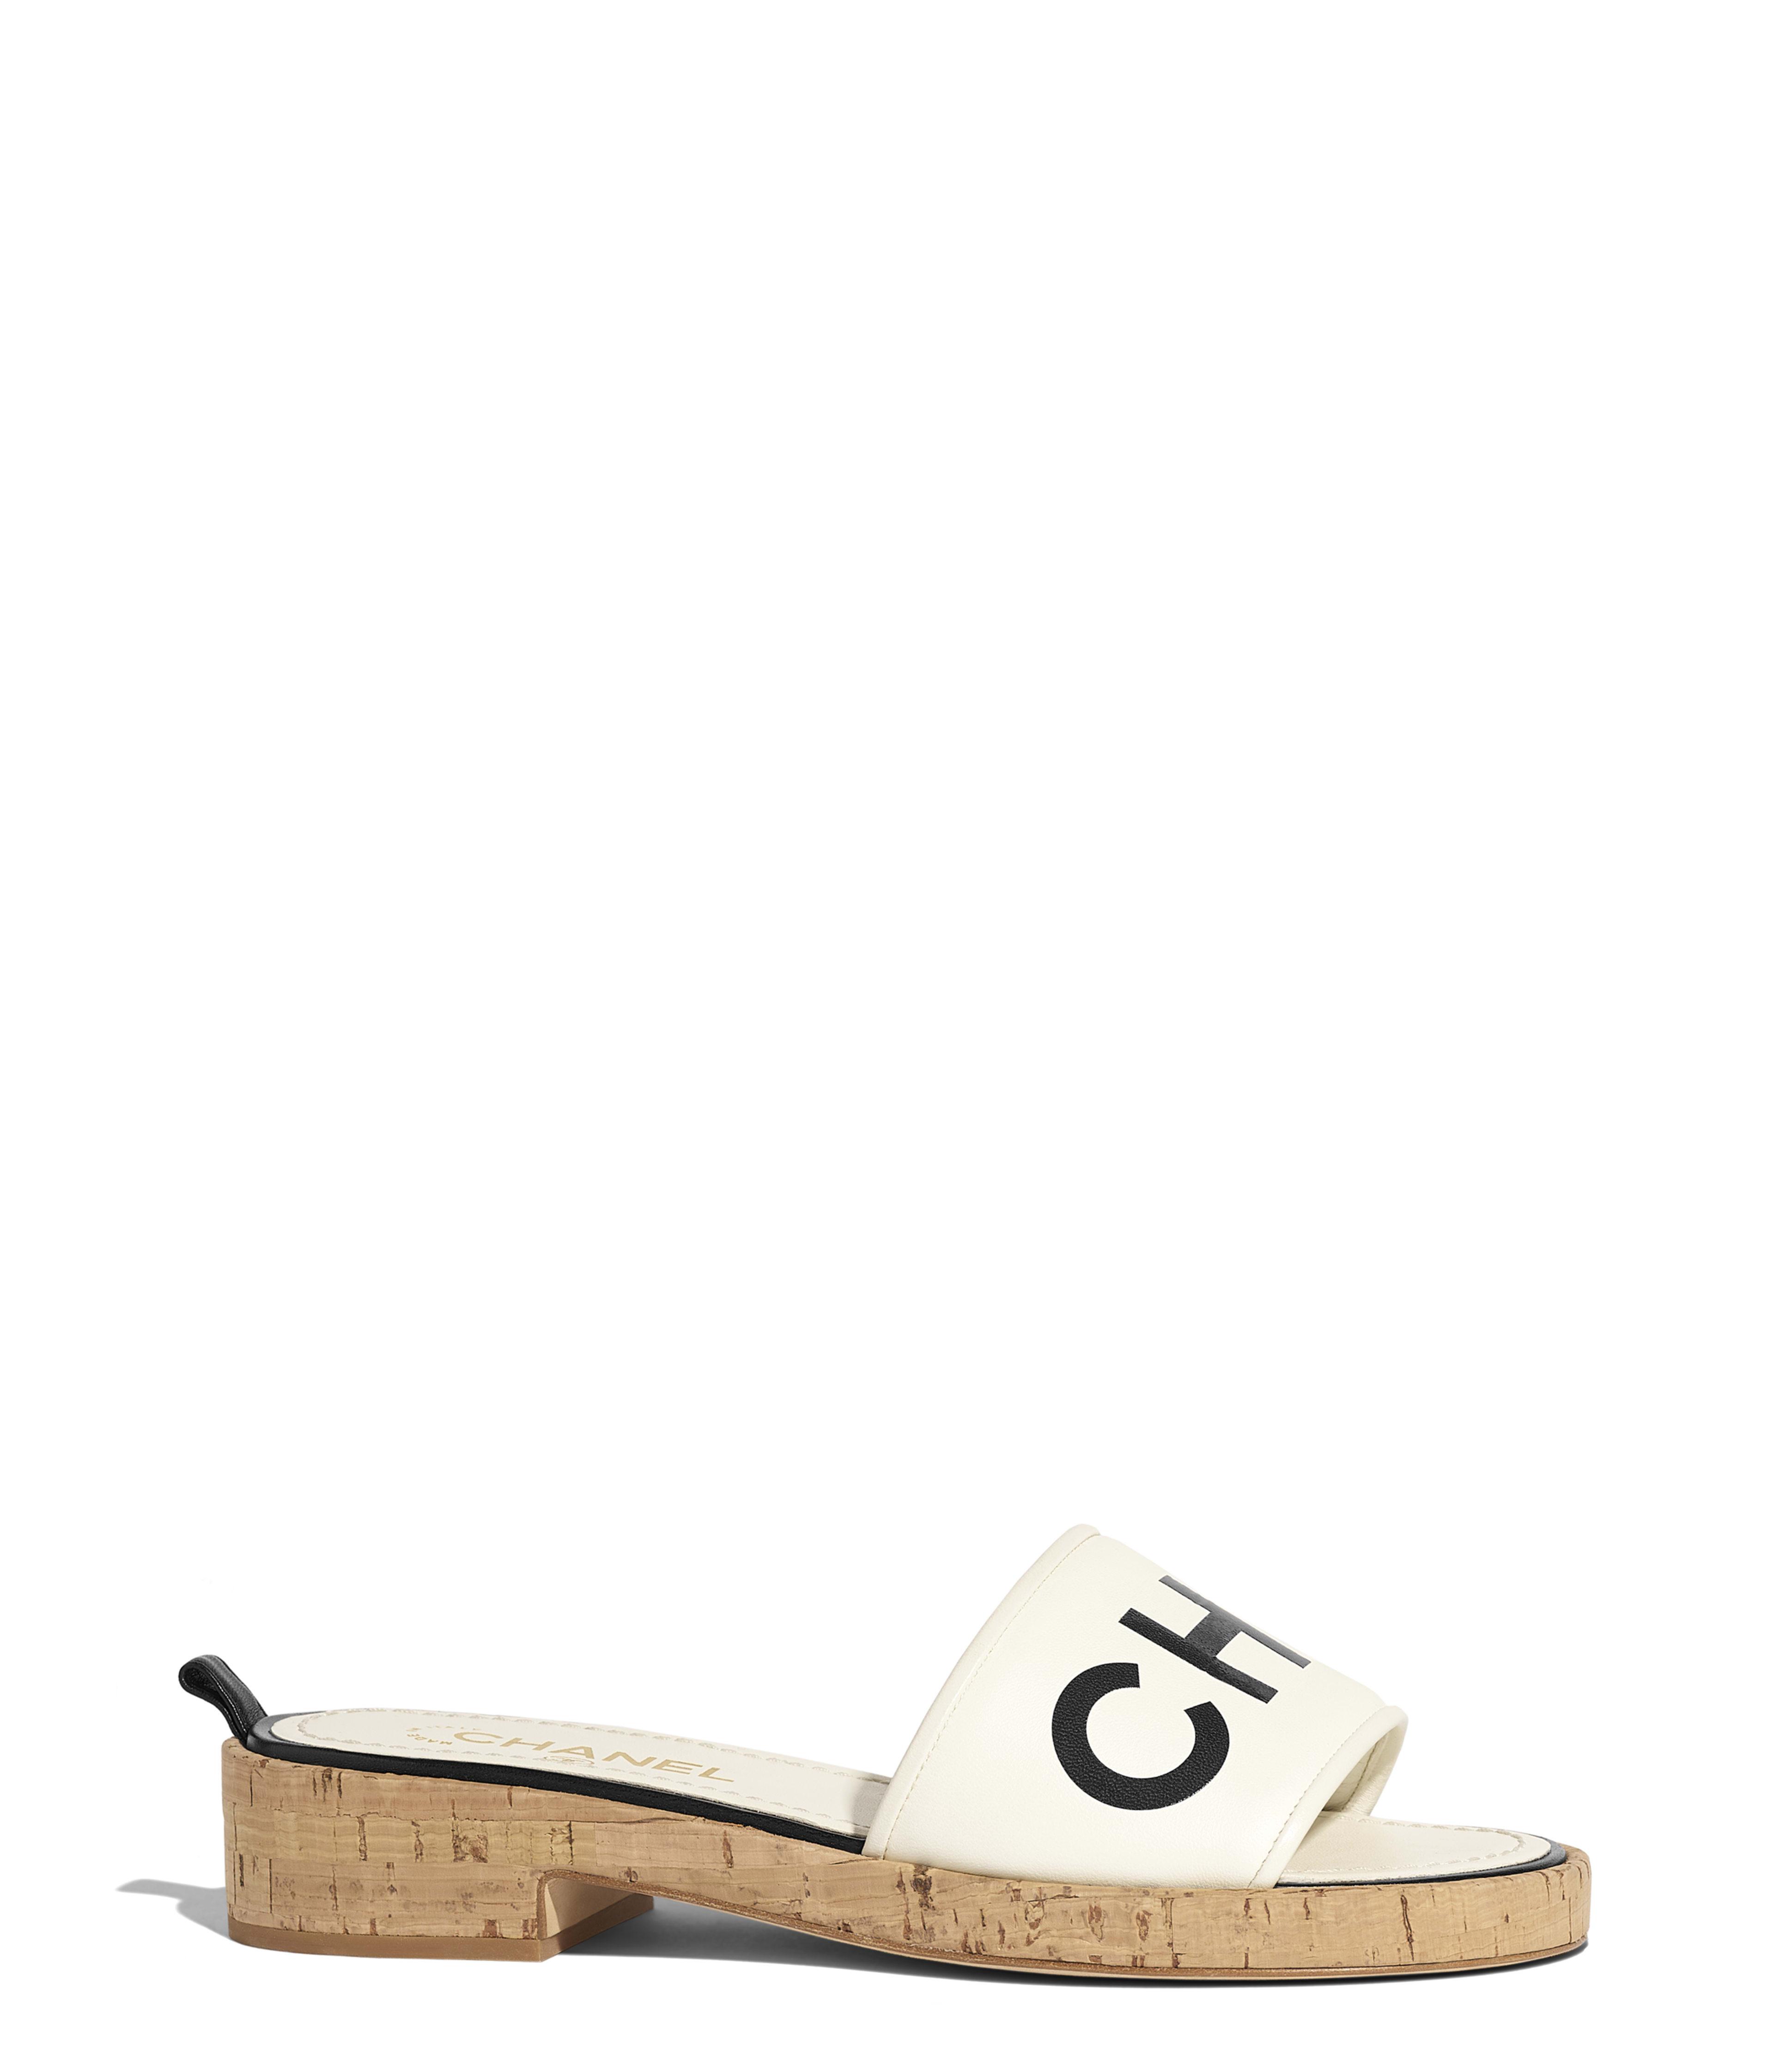 0bc24bd0 Sandals - Shoes | CHANEL